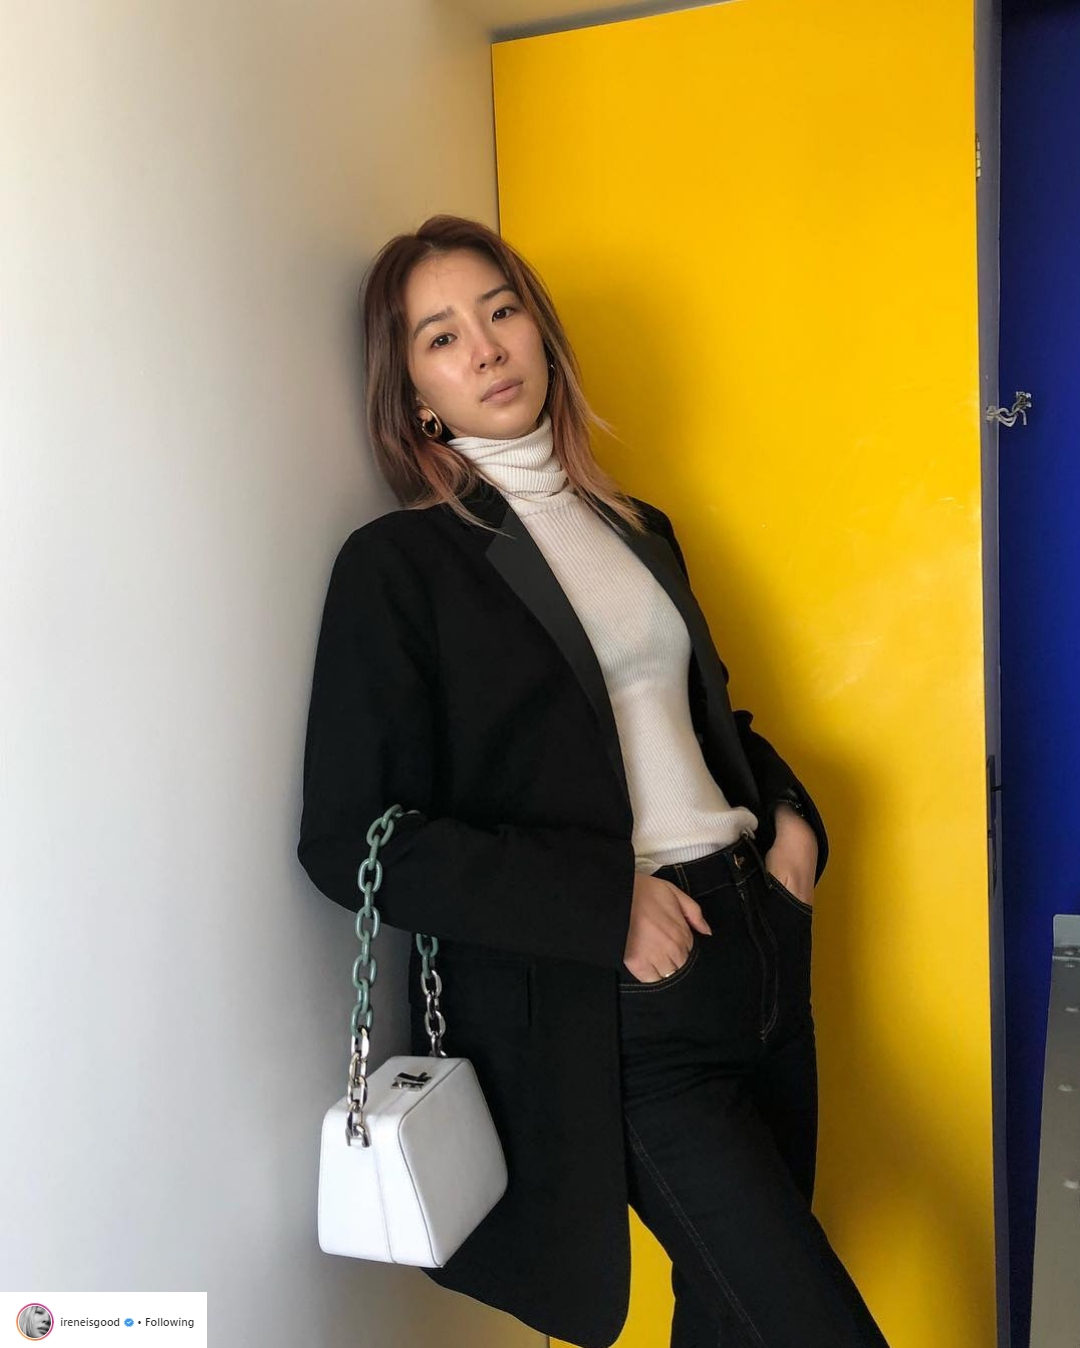 Bí quyết tạo dáng chuyên nghiệp từ nữ hoàng street style xứ Hàn Irene Kim 29